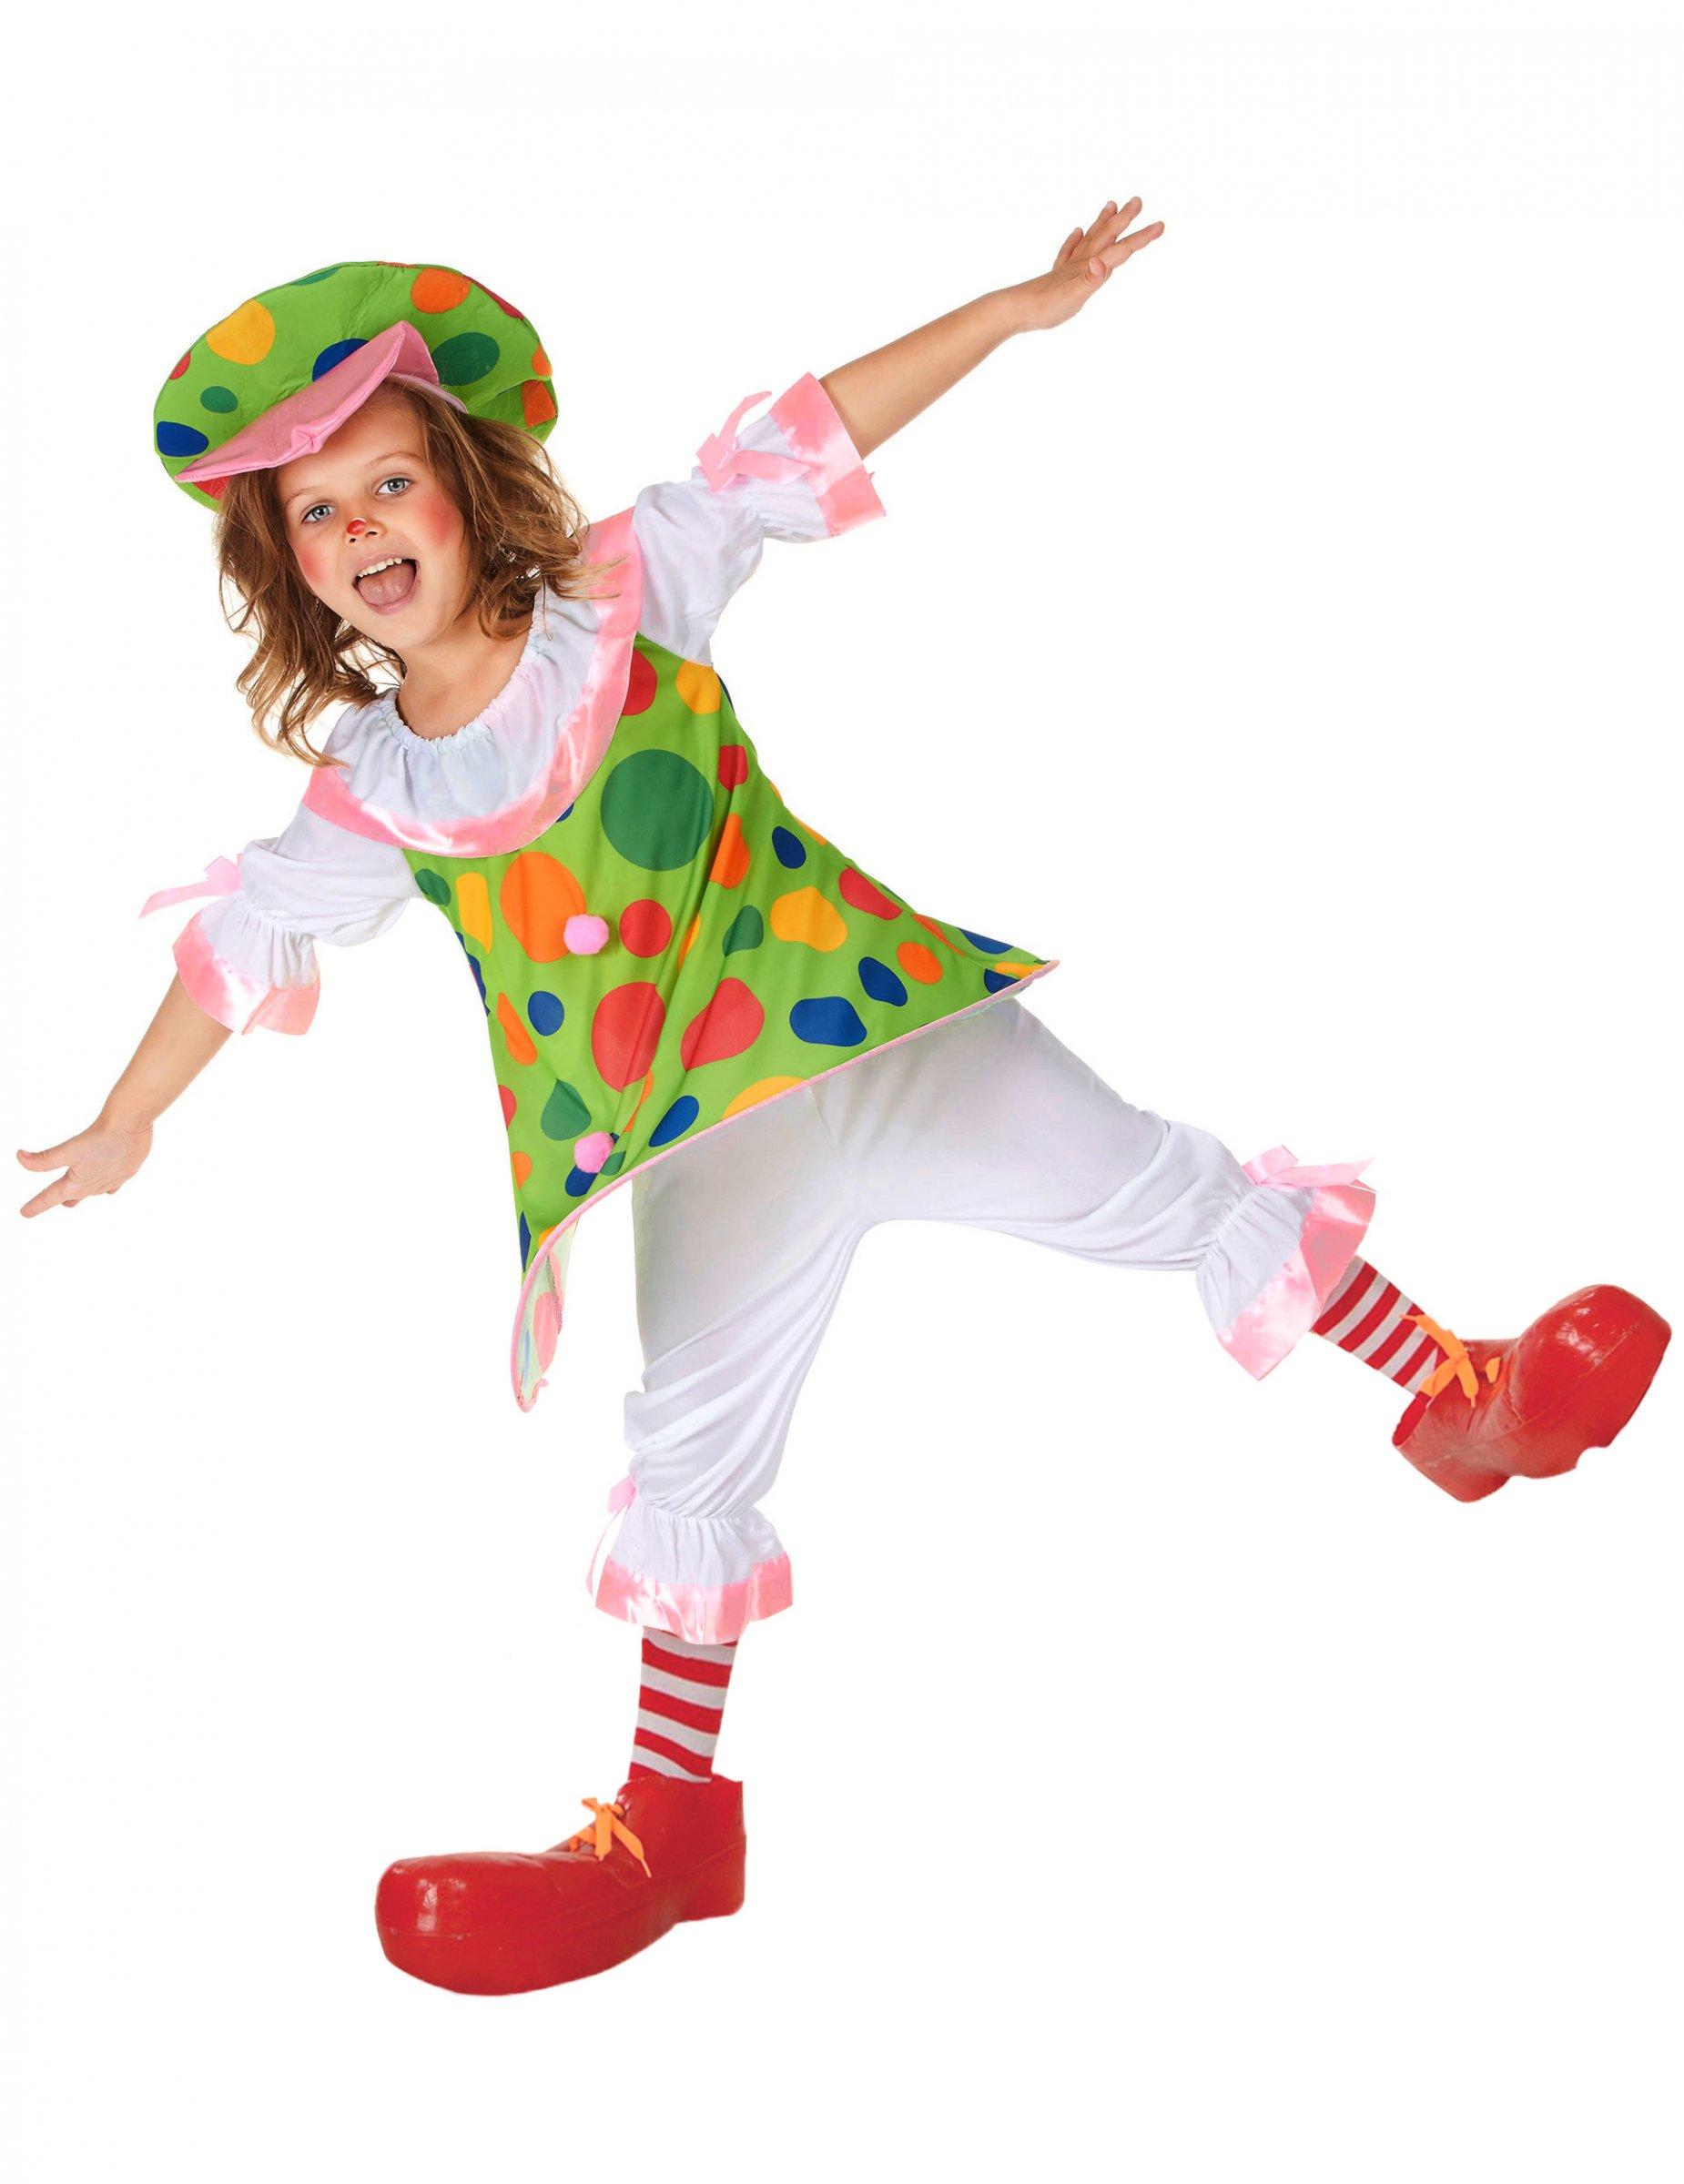 7a2d42221e05 Costume da clown a pois per bambina con cappello: Costumi bambini,e ...